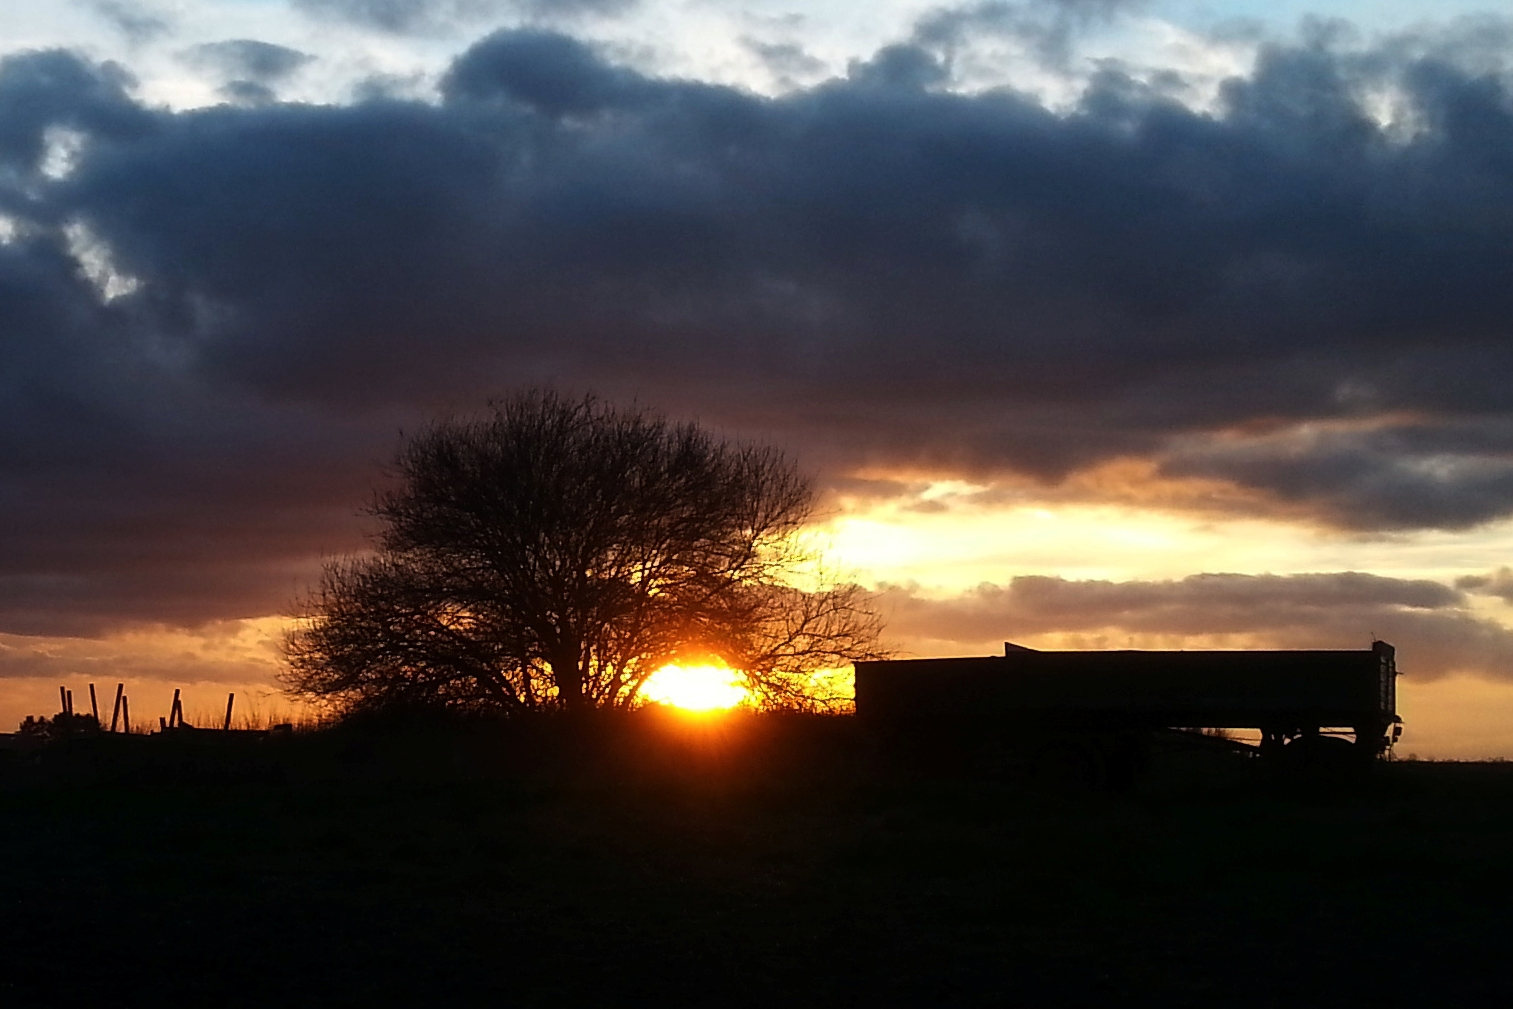 ++ Sonnenuntergang (neuer Schnitt) ++